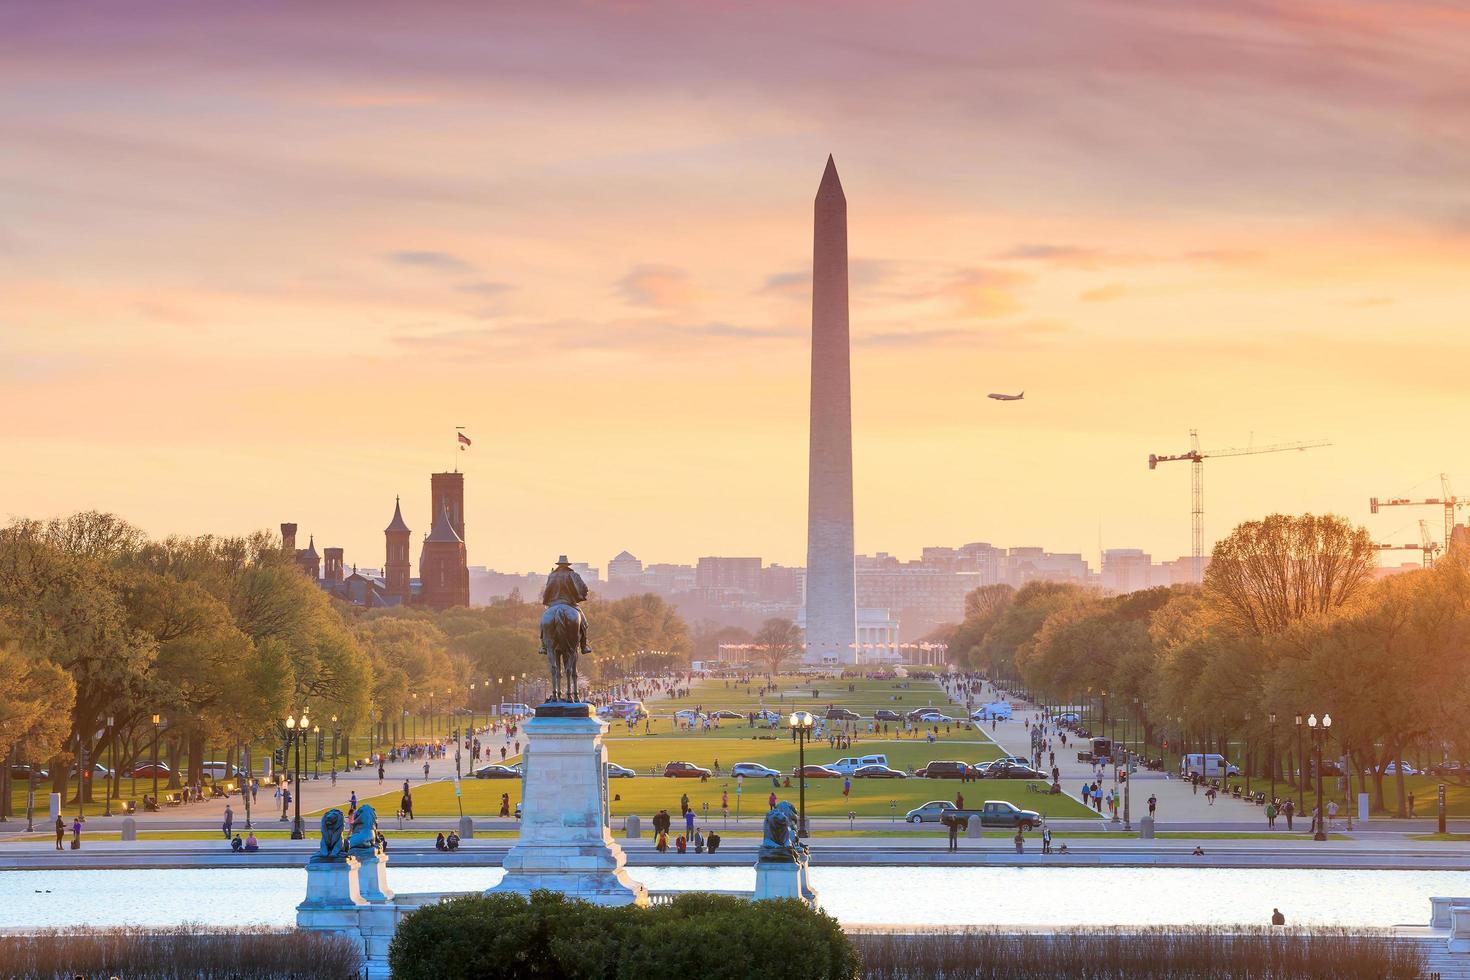 Washington DC Stadtansicht bei einem orangefarbenen Sonnenuntergang, einschließlich Washington foto